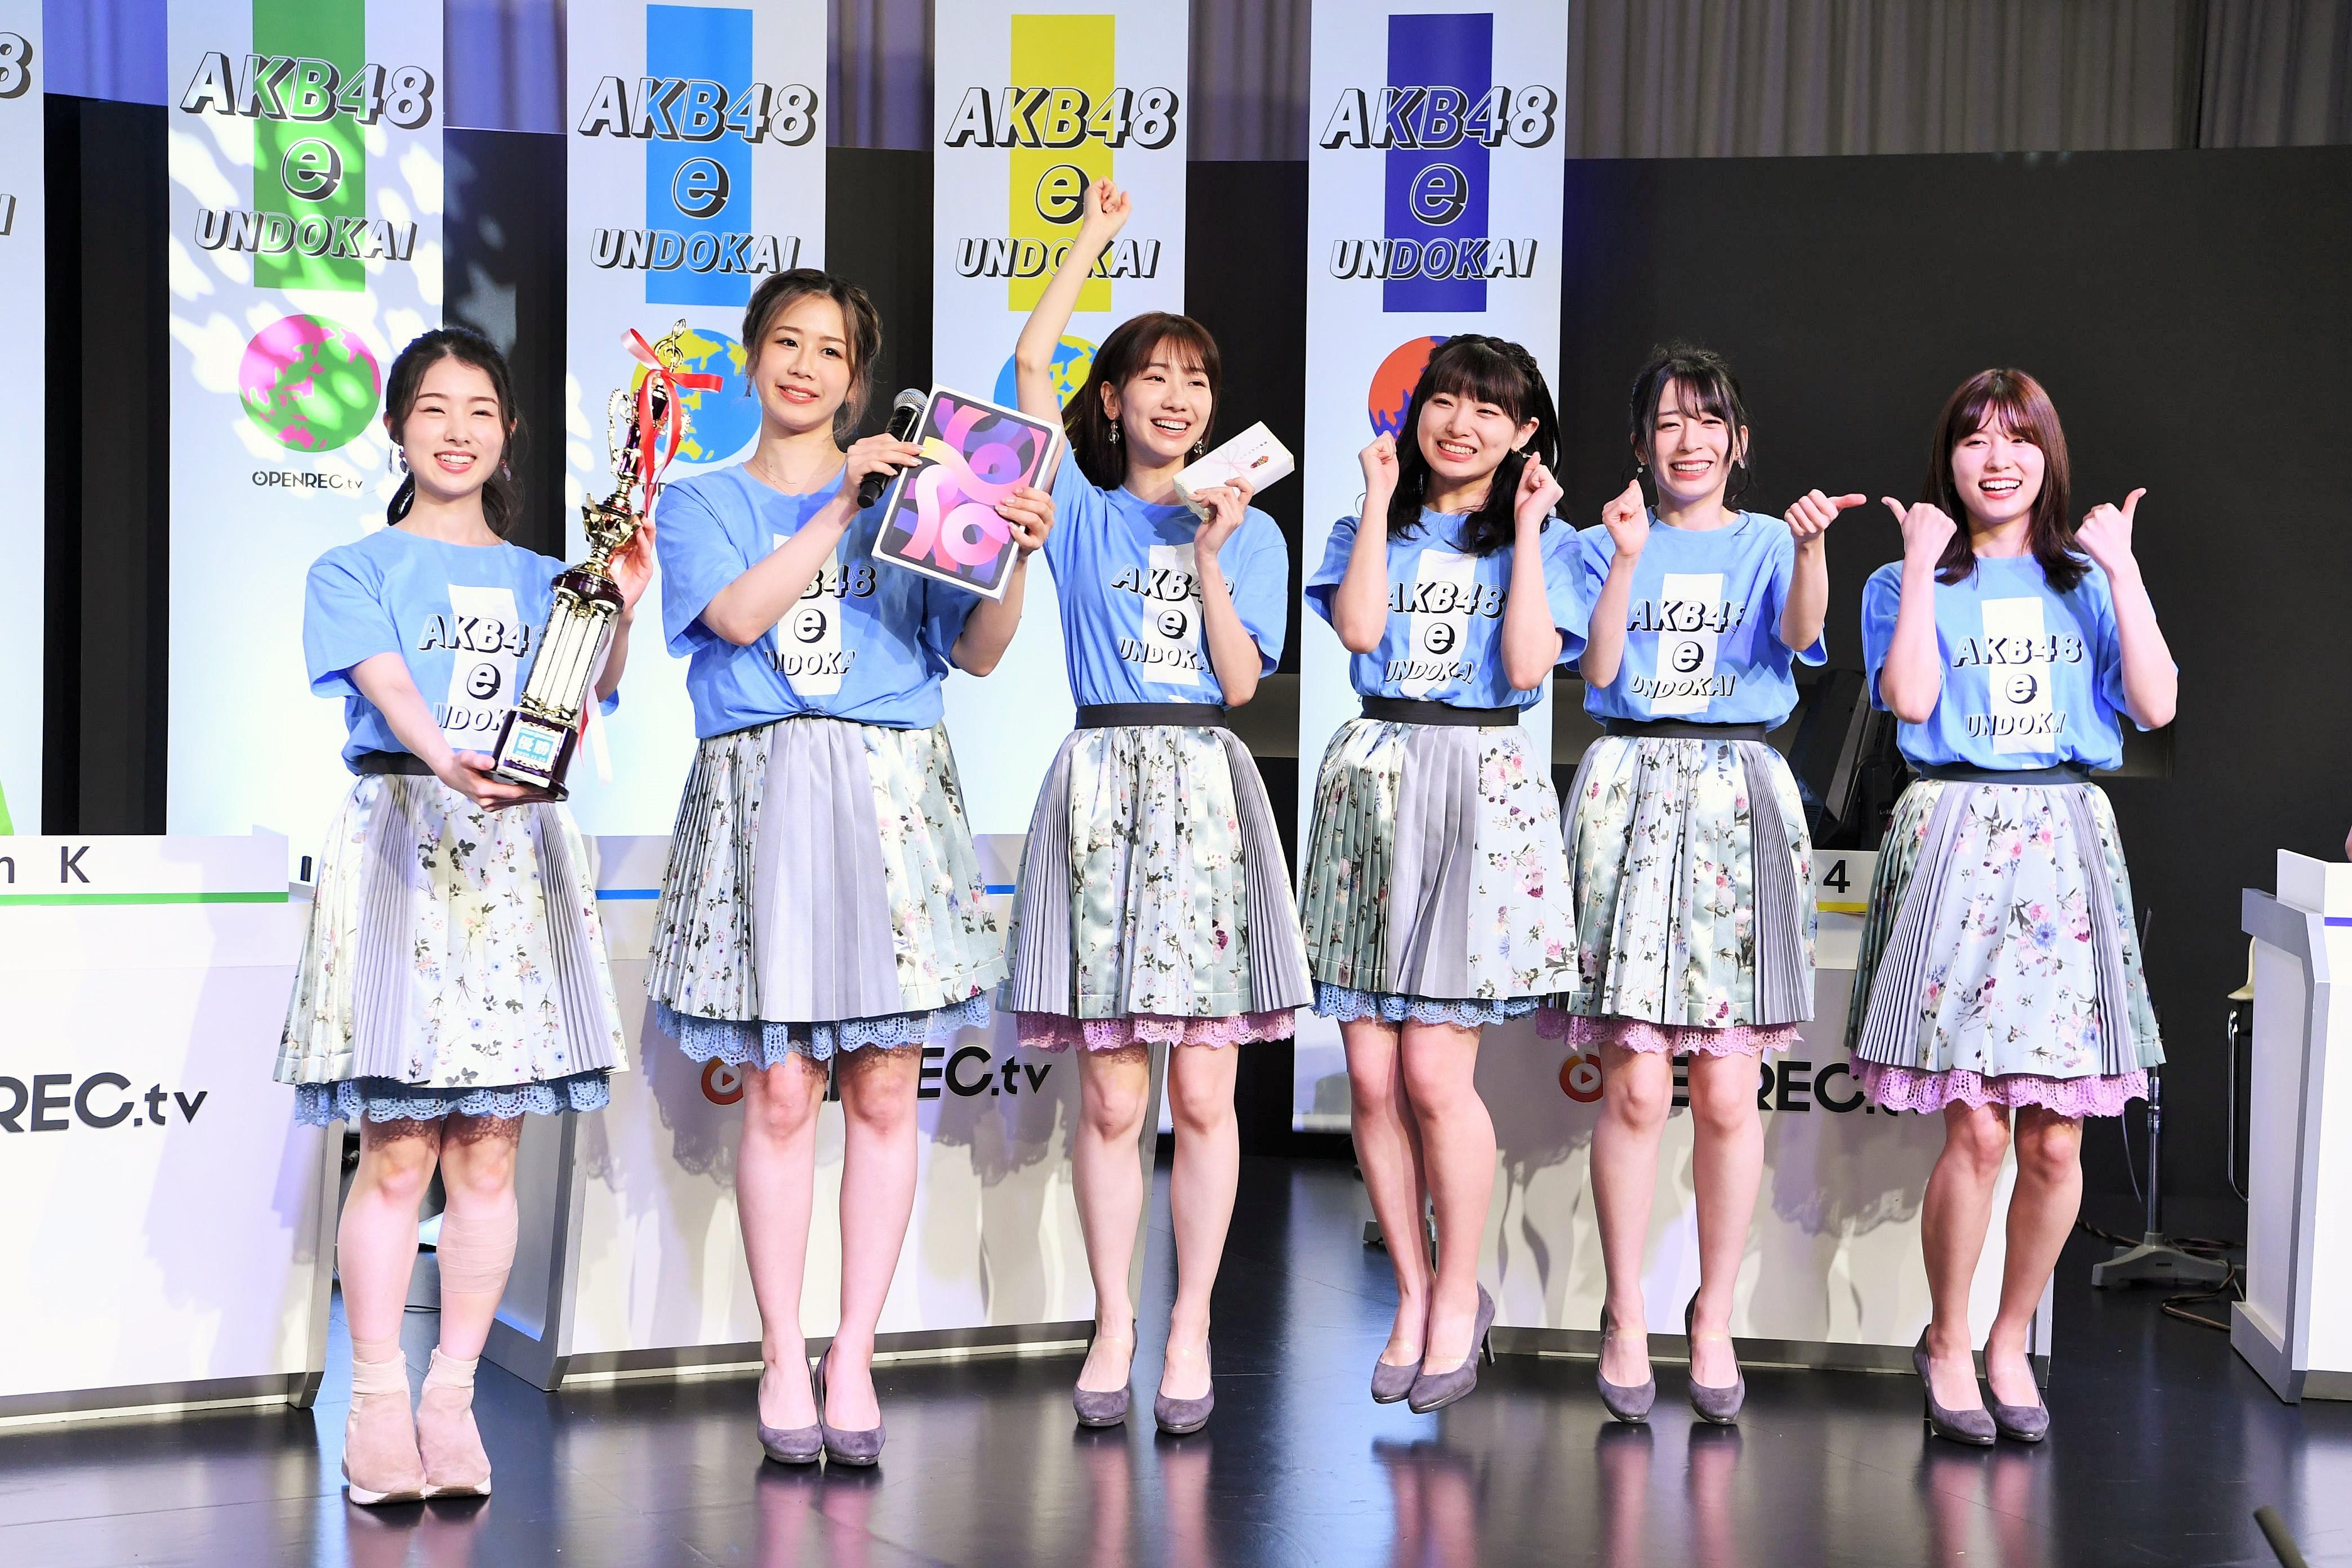 優勝したチームBメンバー (C) AKB48